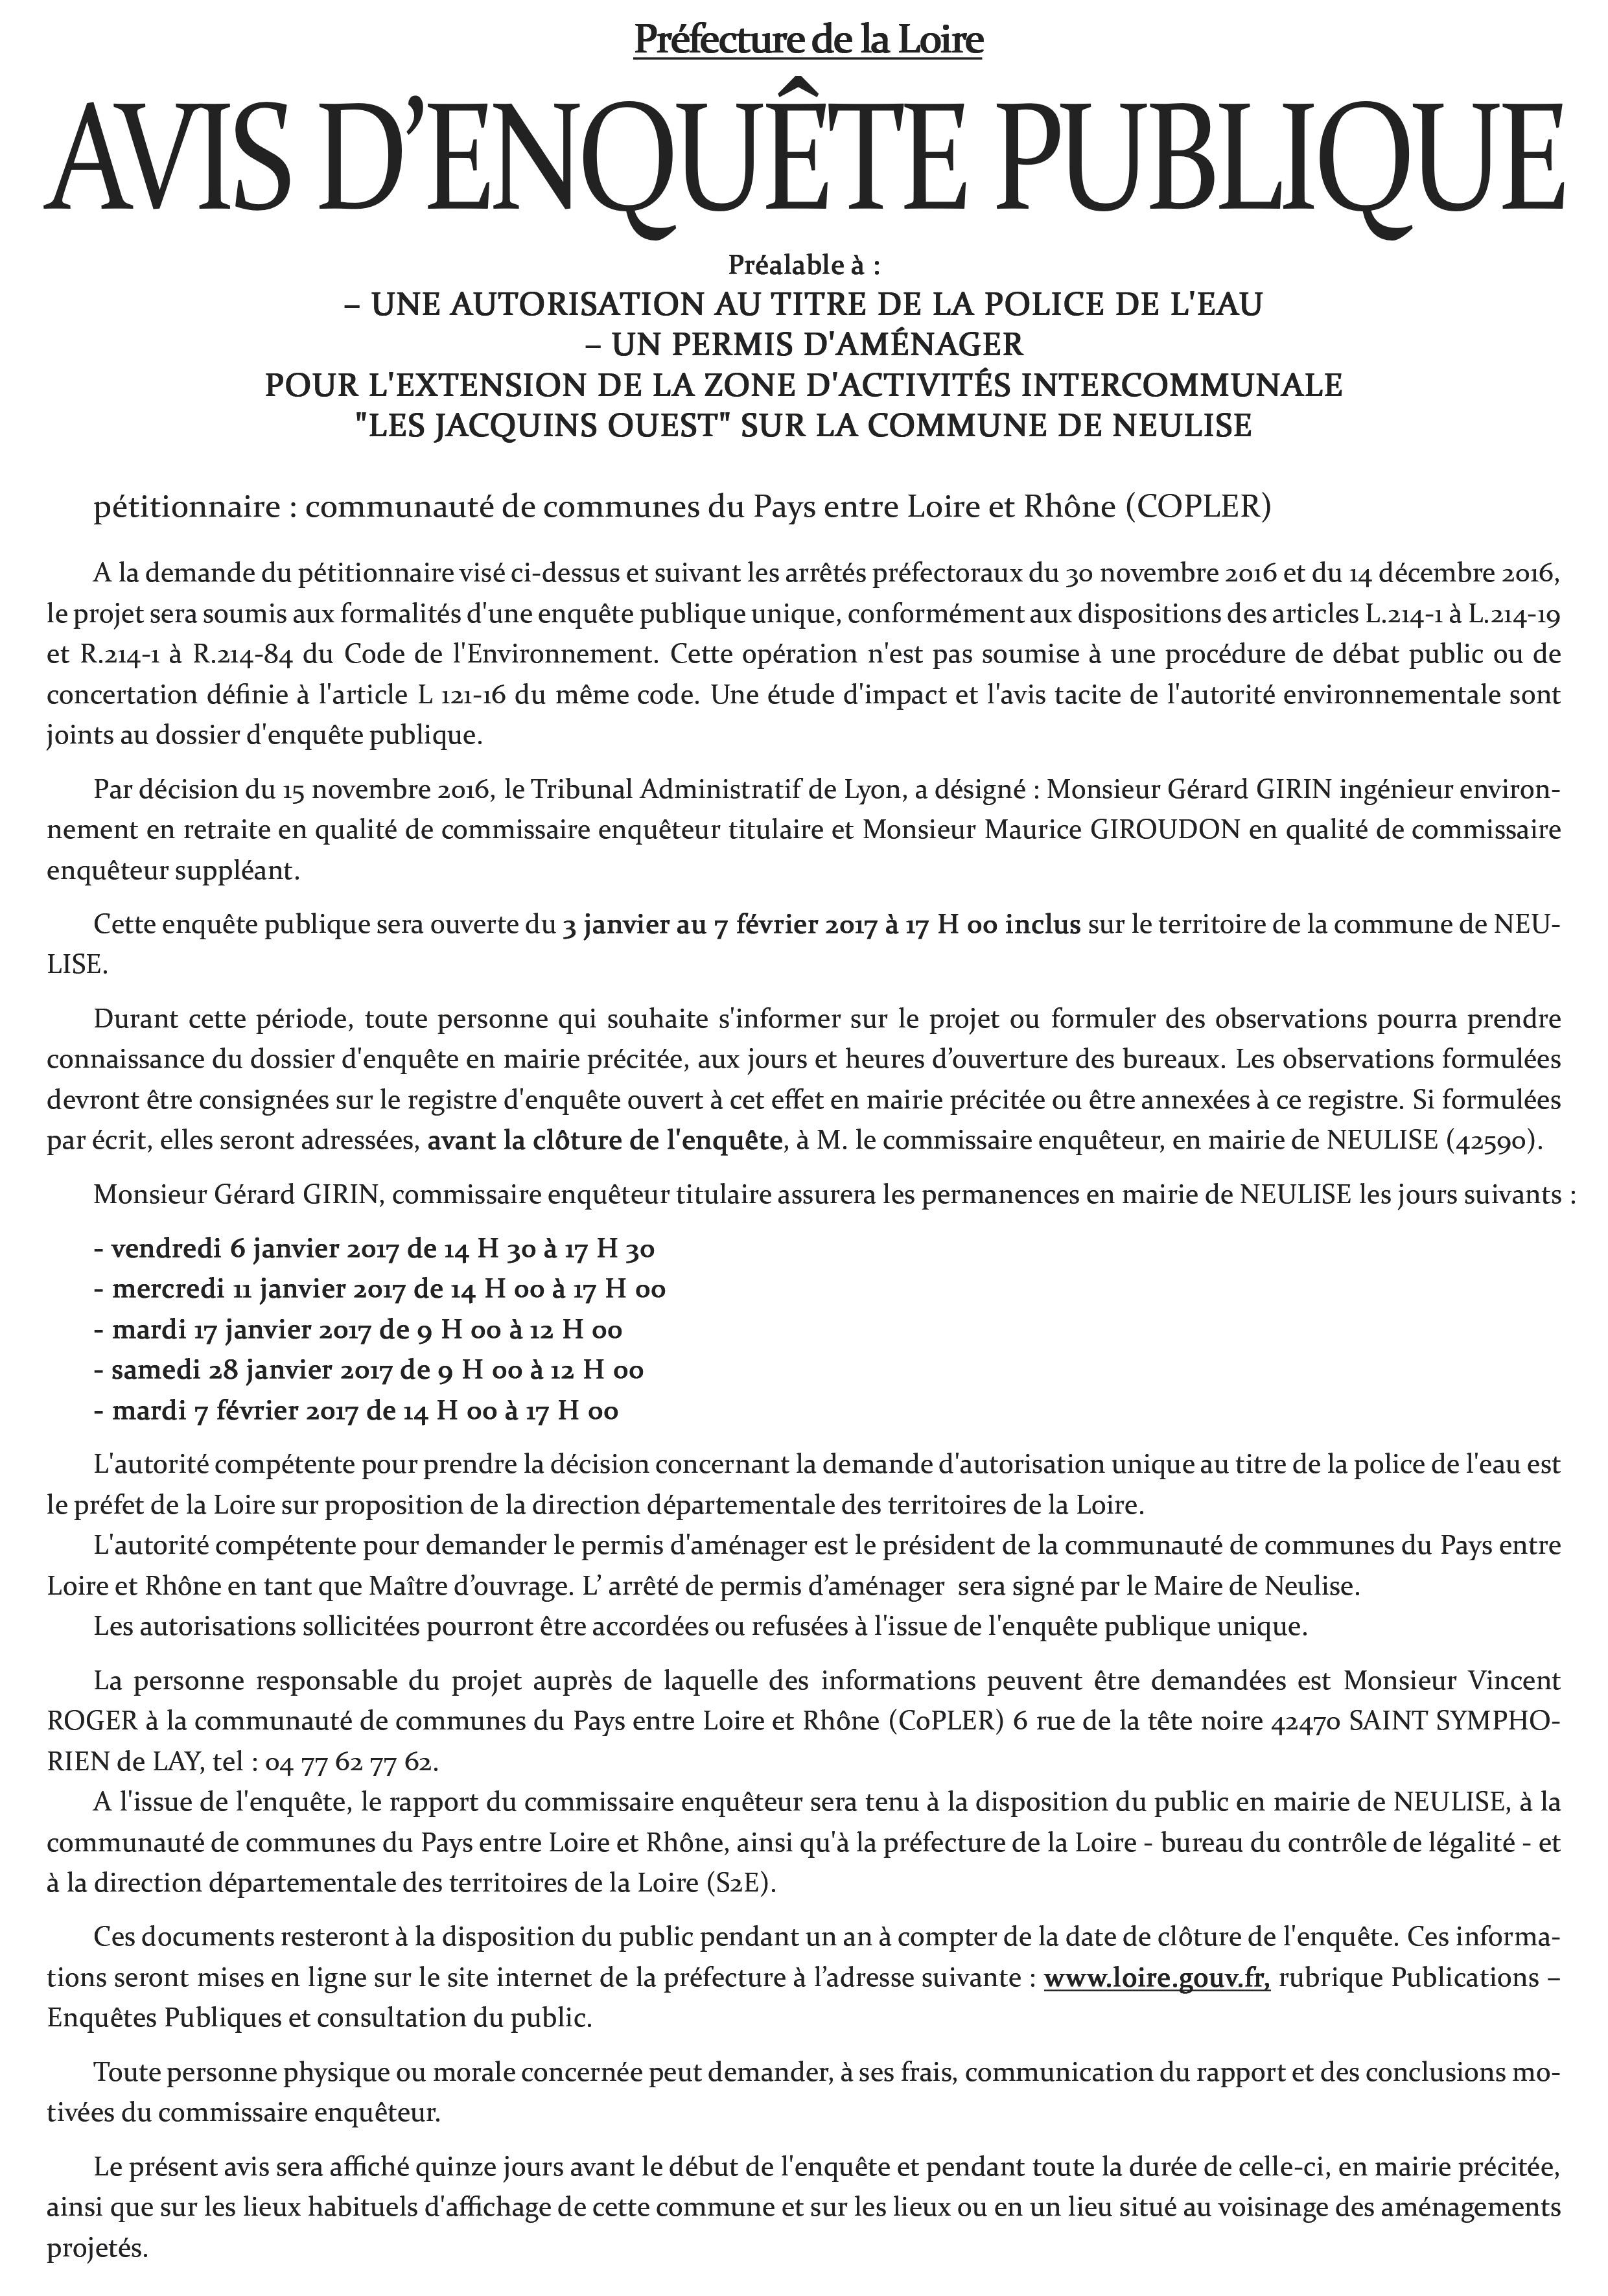 avis-enquete-publique-jacquins-ouest